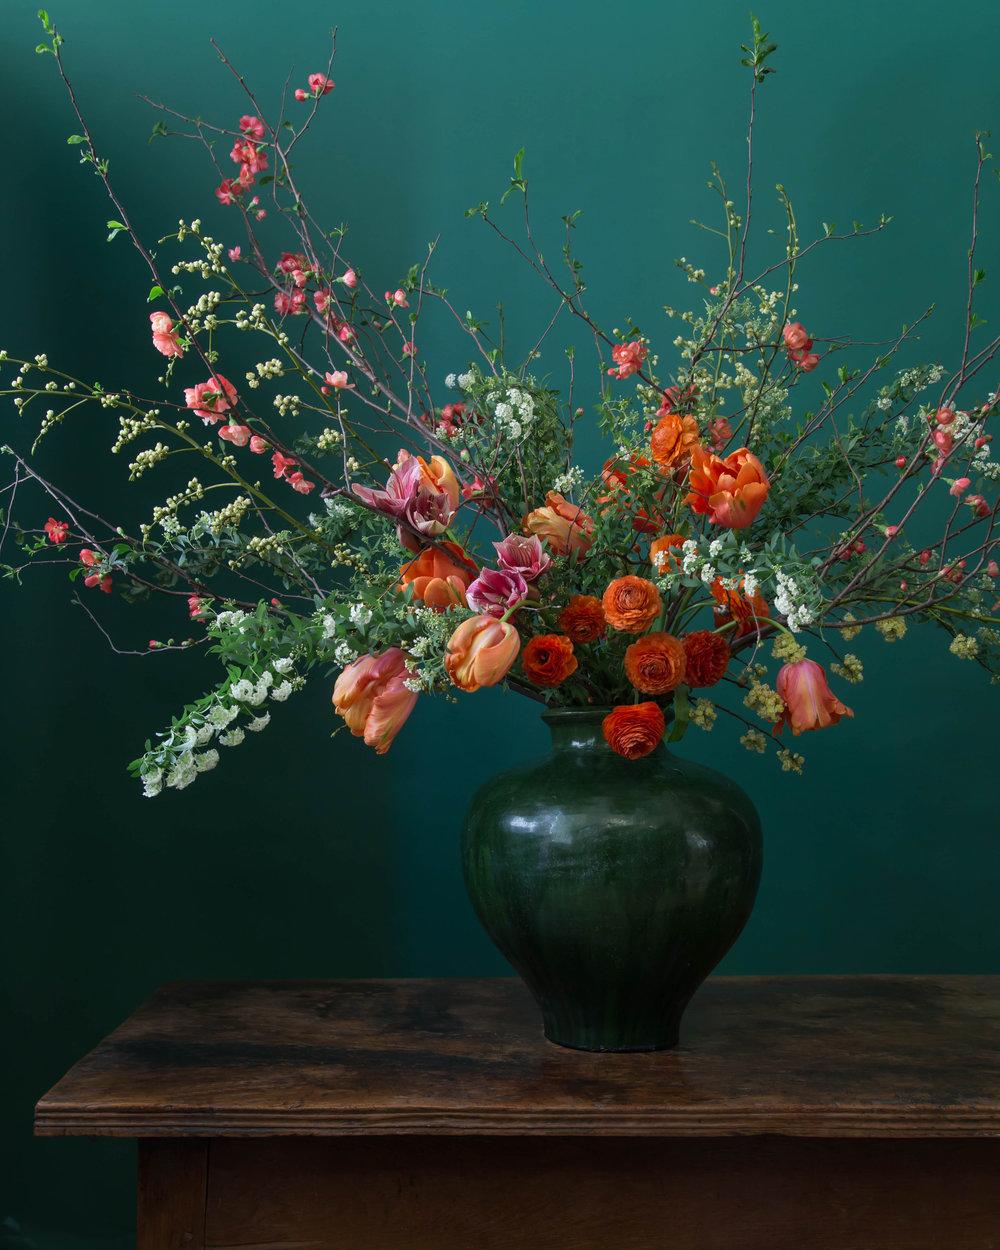 Vogue_DavidStarkDesign_spring_floral_greenvase.jpg